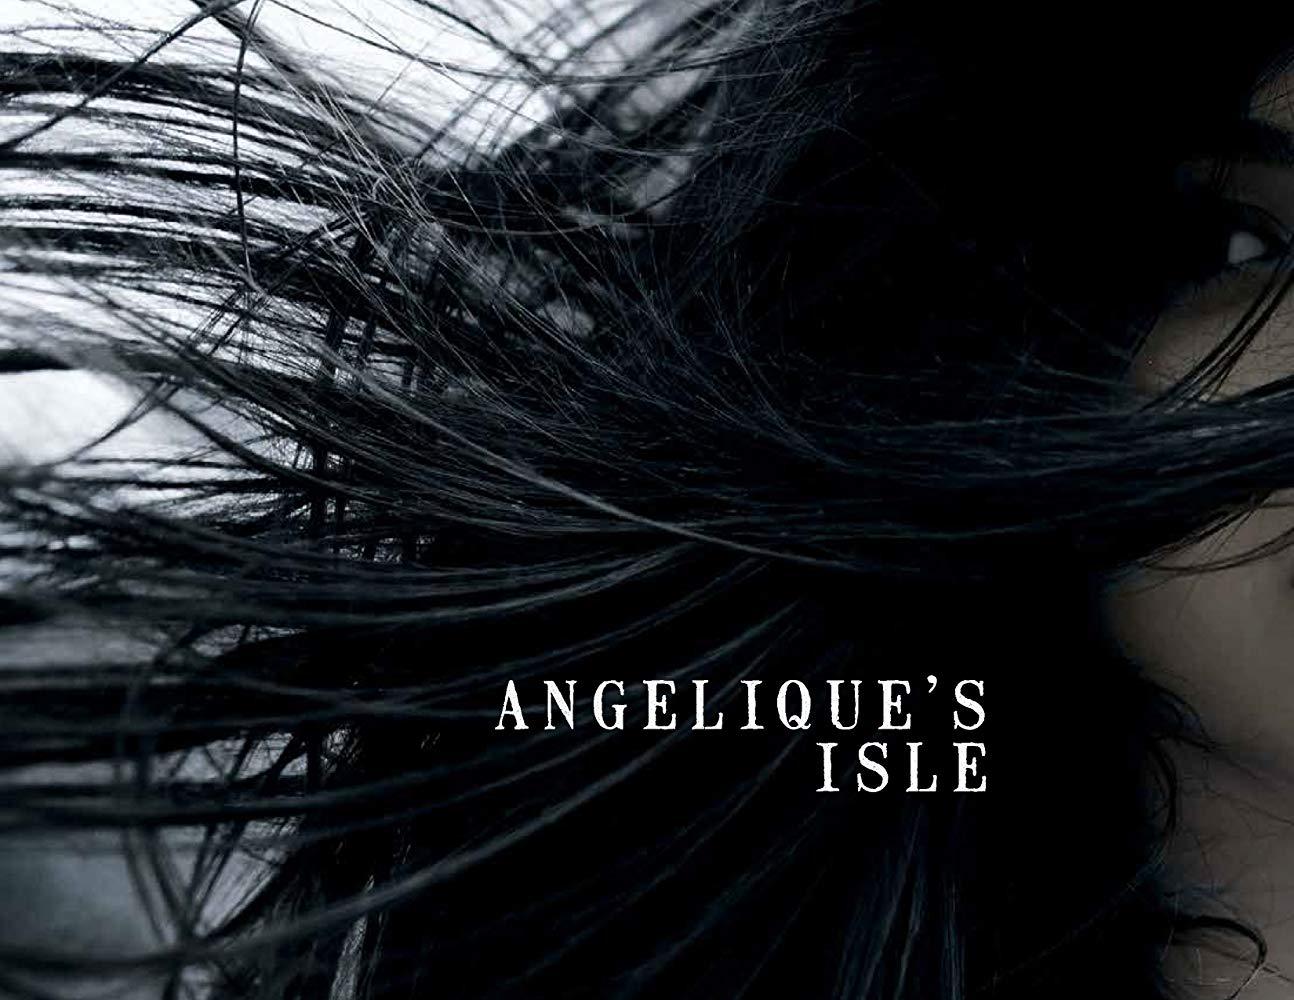 Angeliques's Isle